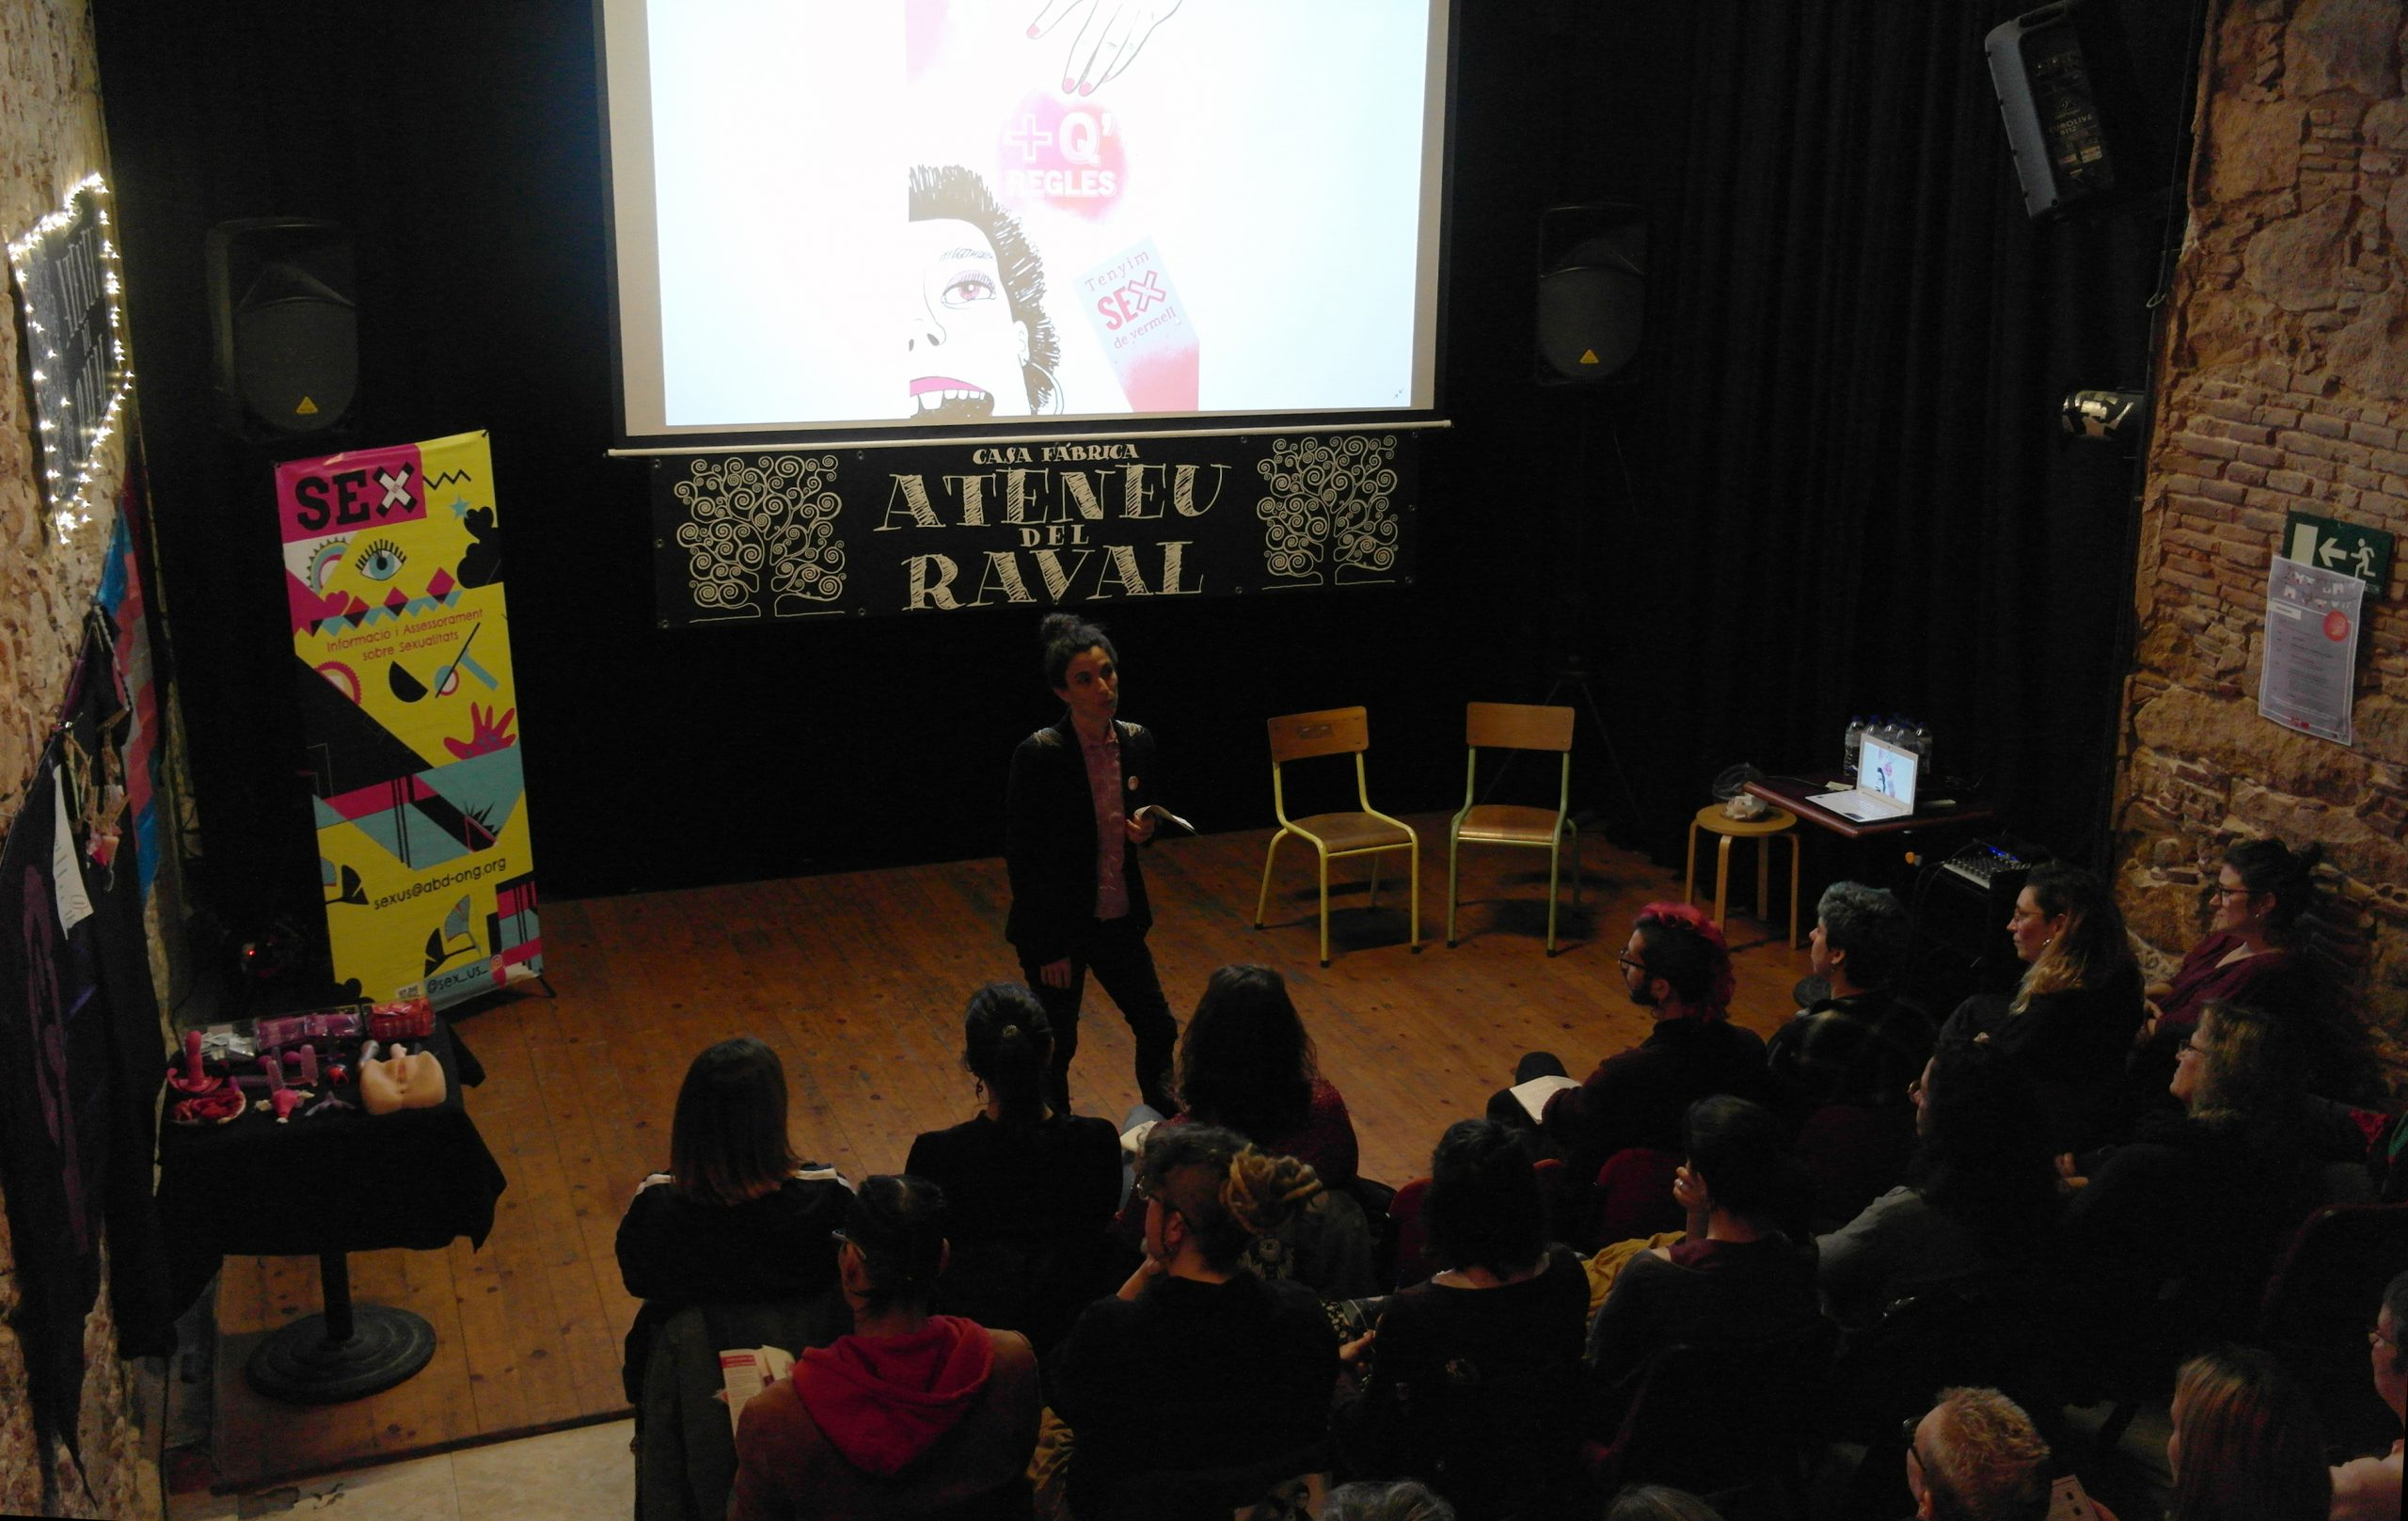 La campanya '+Q Regles' de Sexus s'estrena a l'Ateneu del Raval amb un debat i una improvisació teatral al voltant de la menstruació